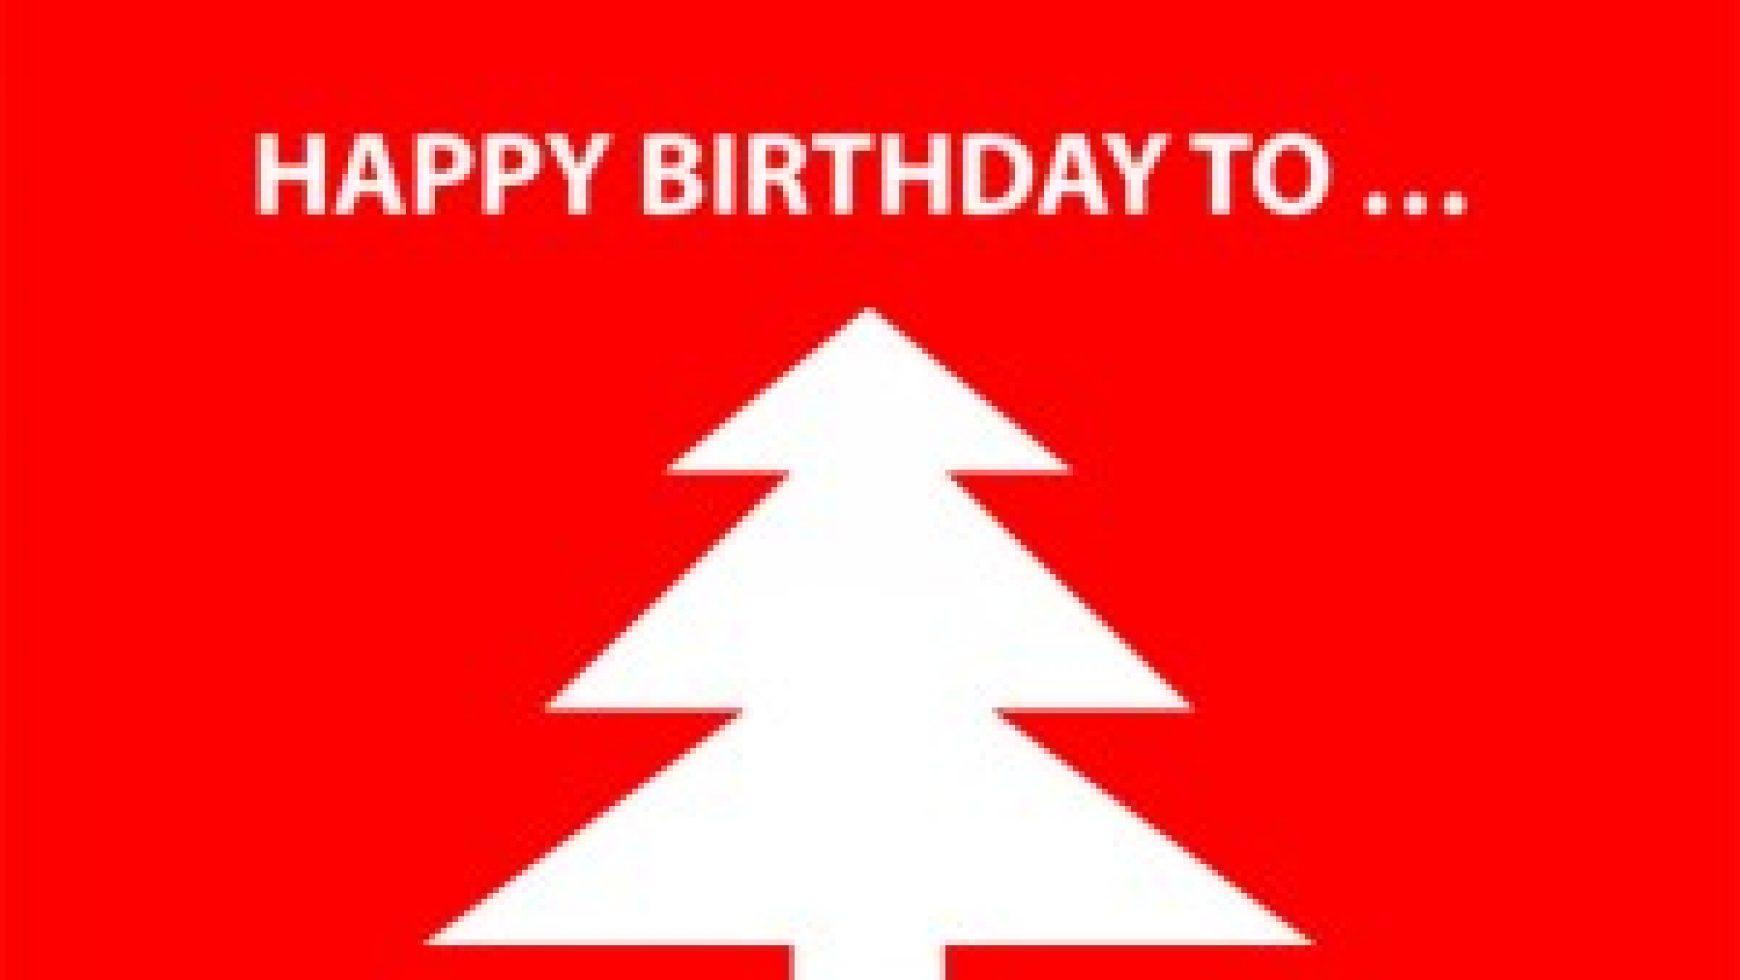 Happy Birthday To..